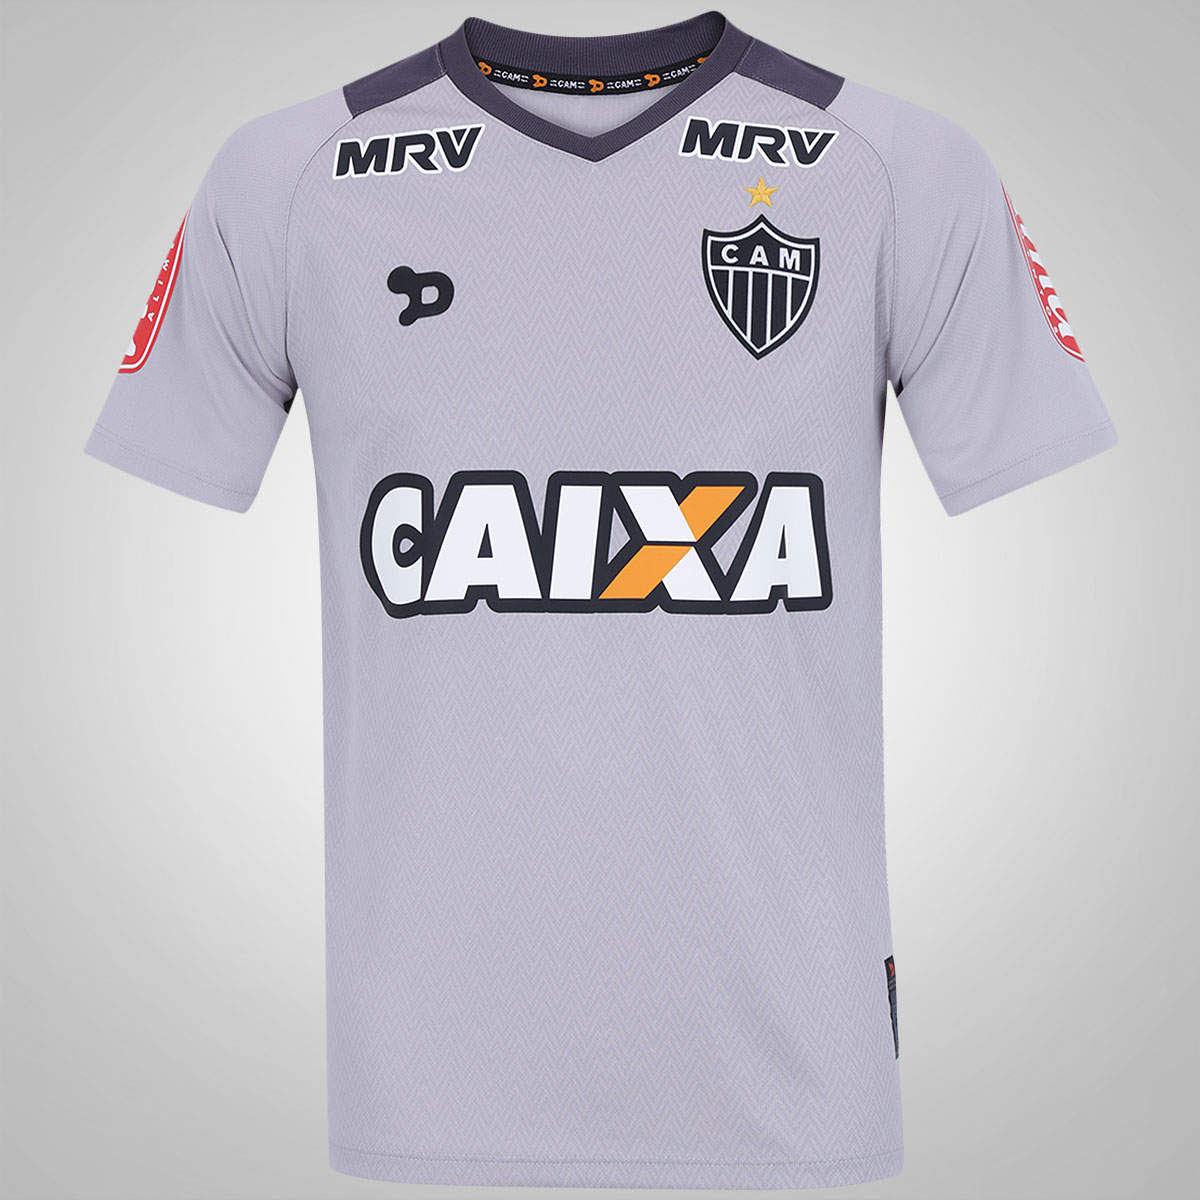 aab6cb725 Camisa de Goleiro Atlético Mineiro I 2016 - Dryworld oficial ...